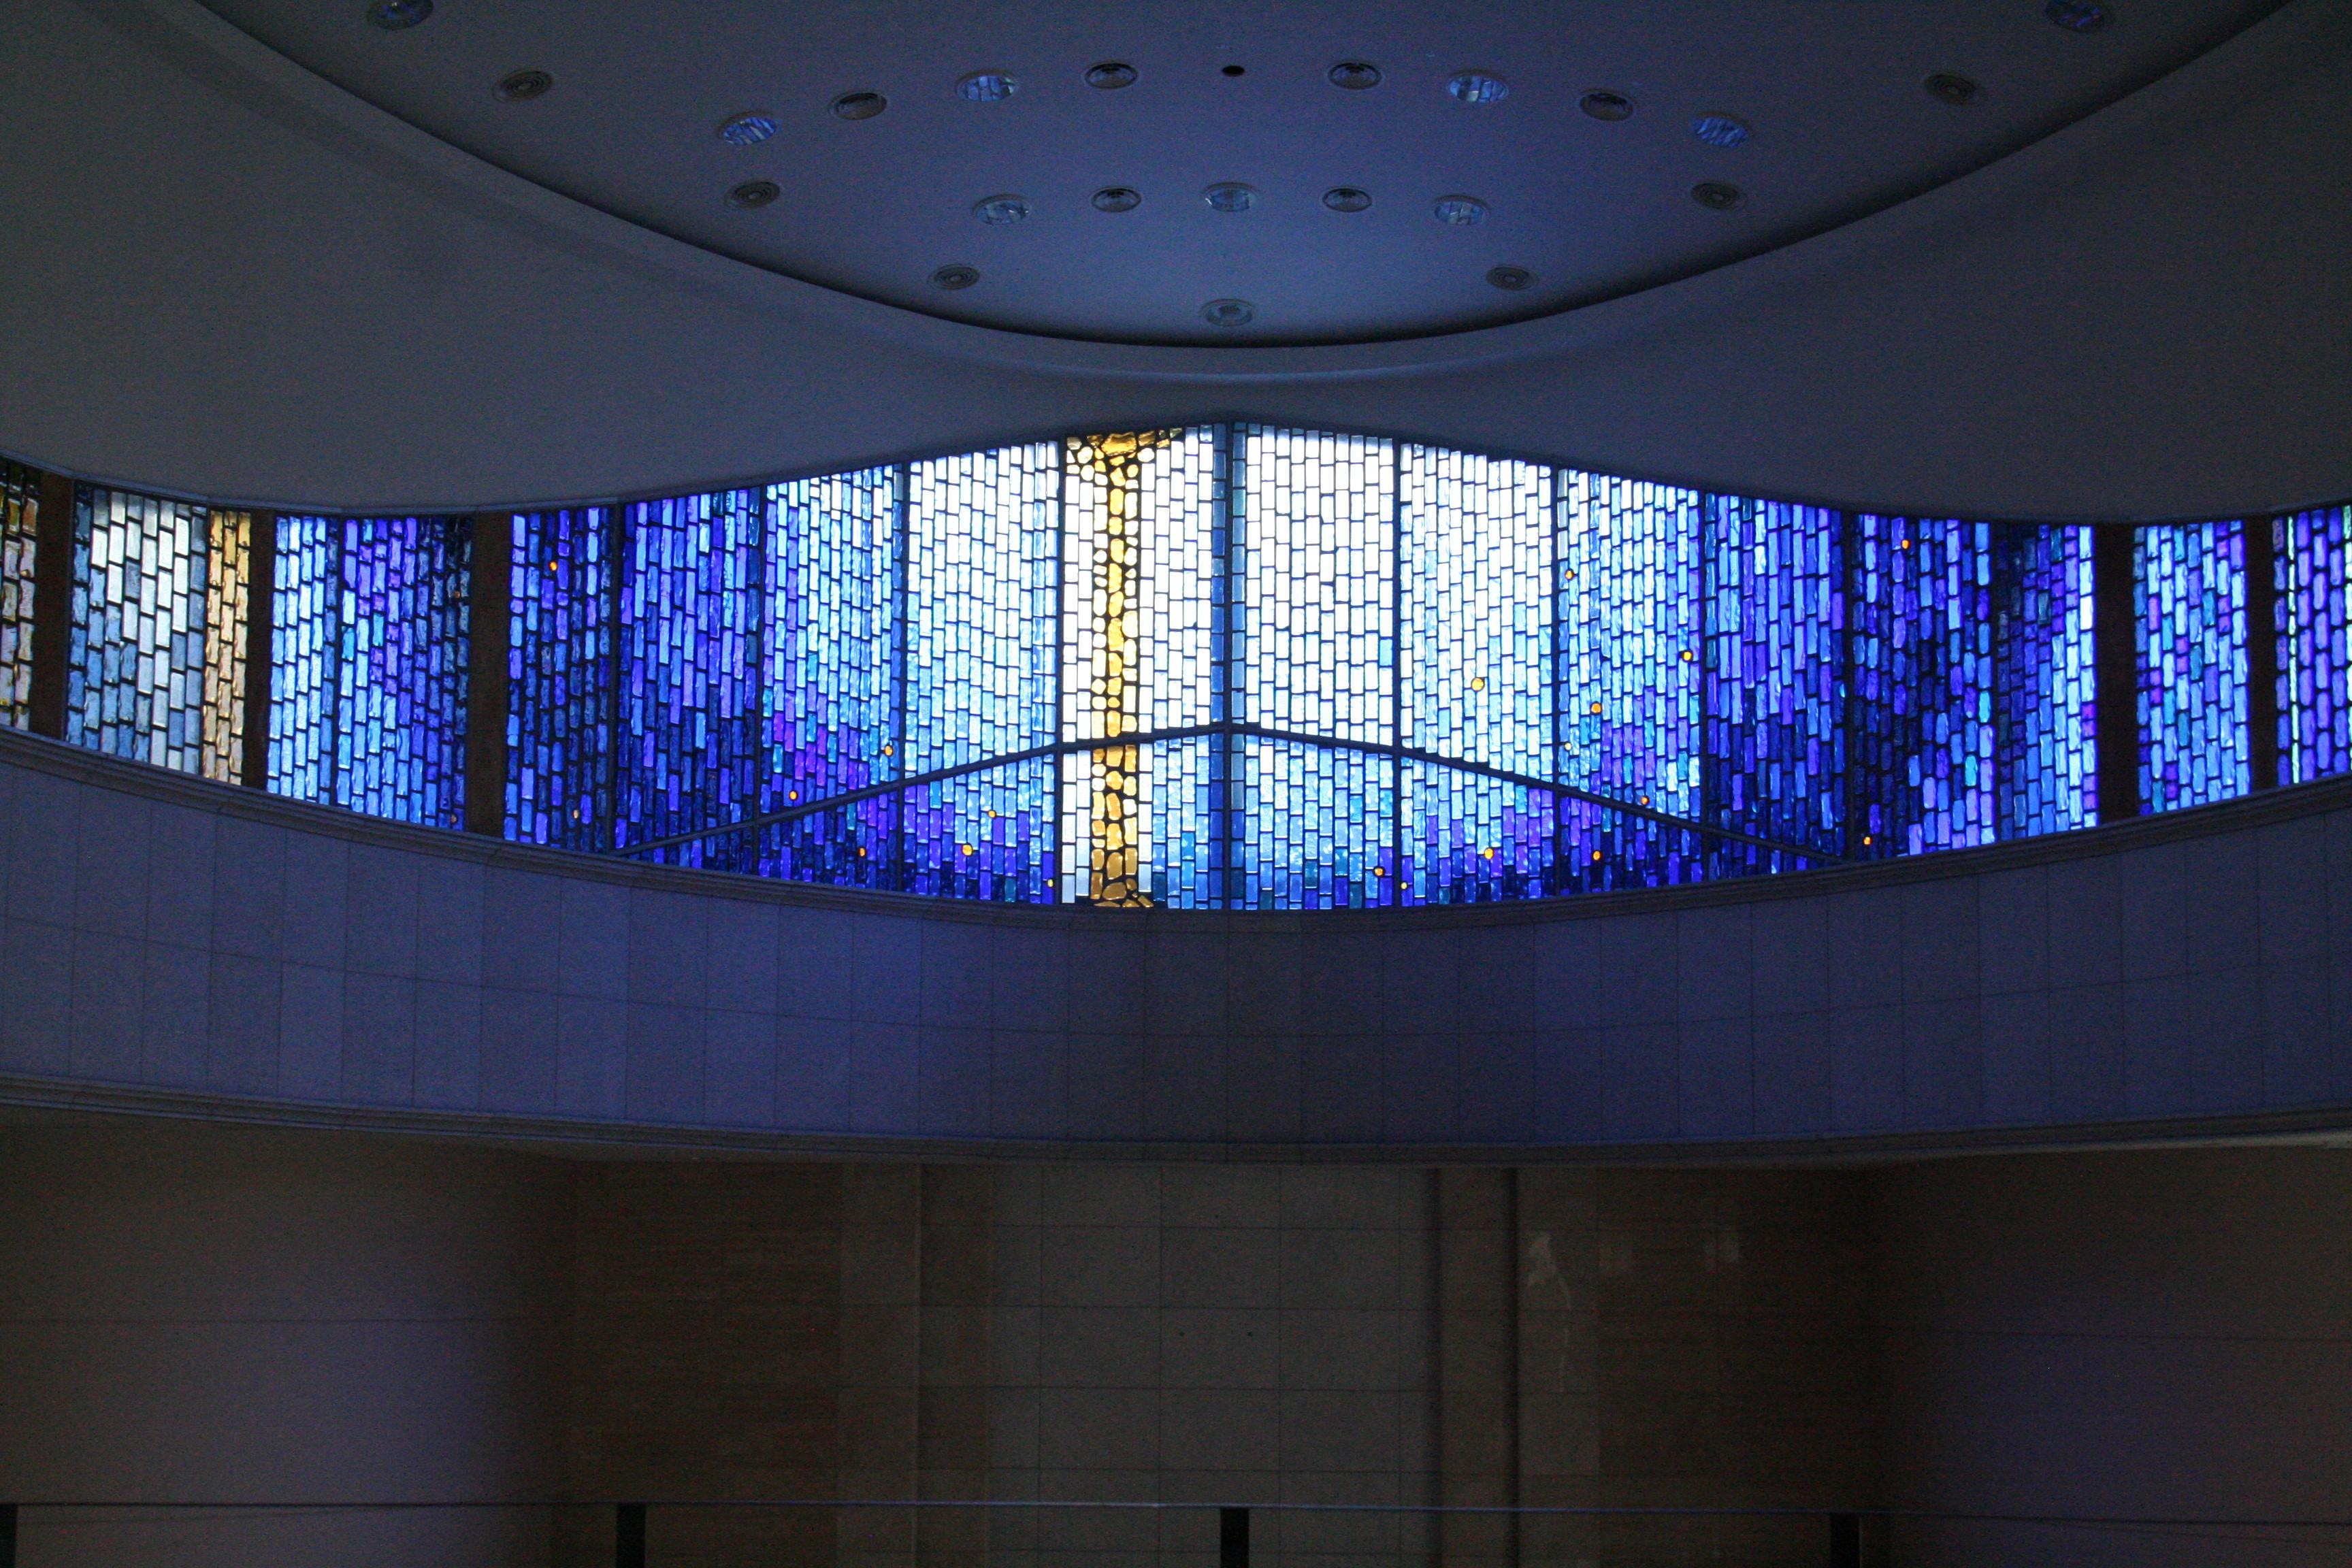 수원교구 수지 성복동 성당 신앙의 씨앗 (2010)